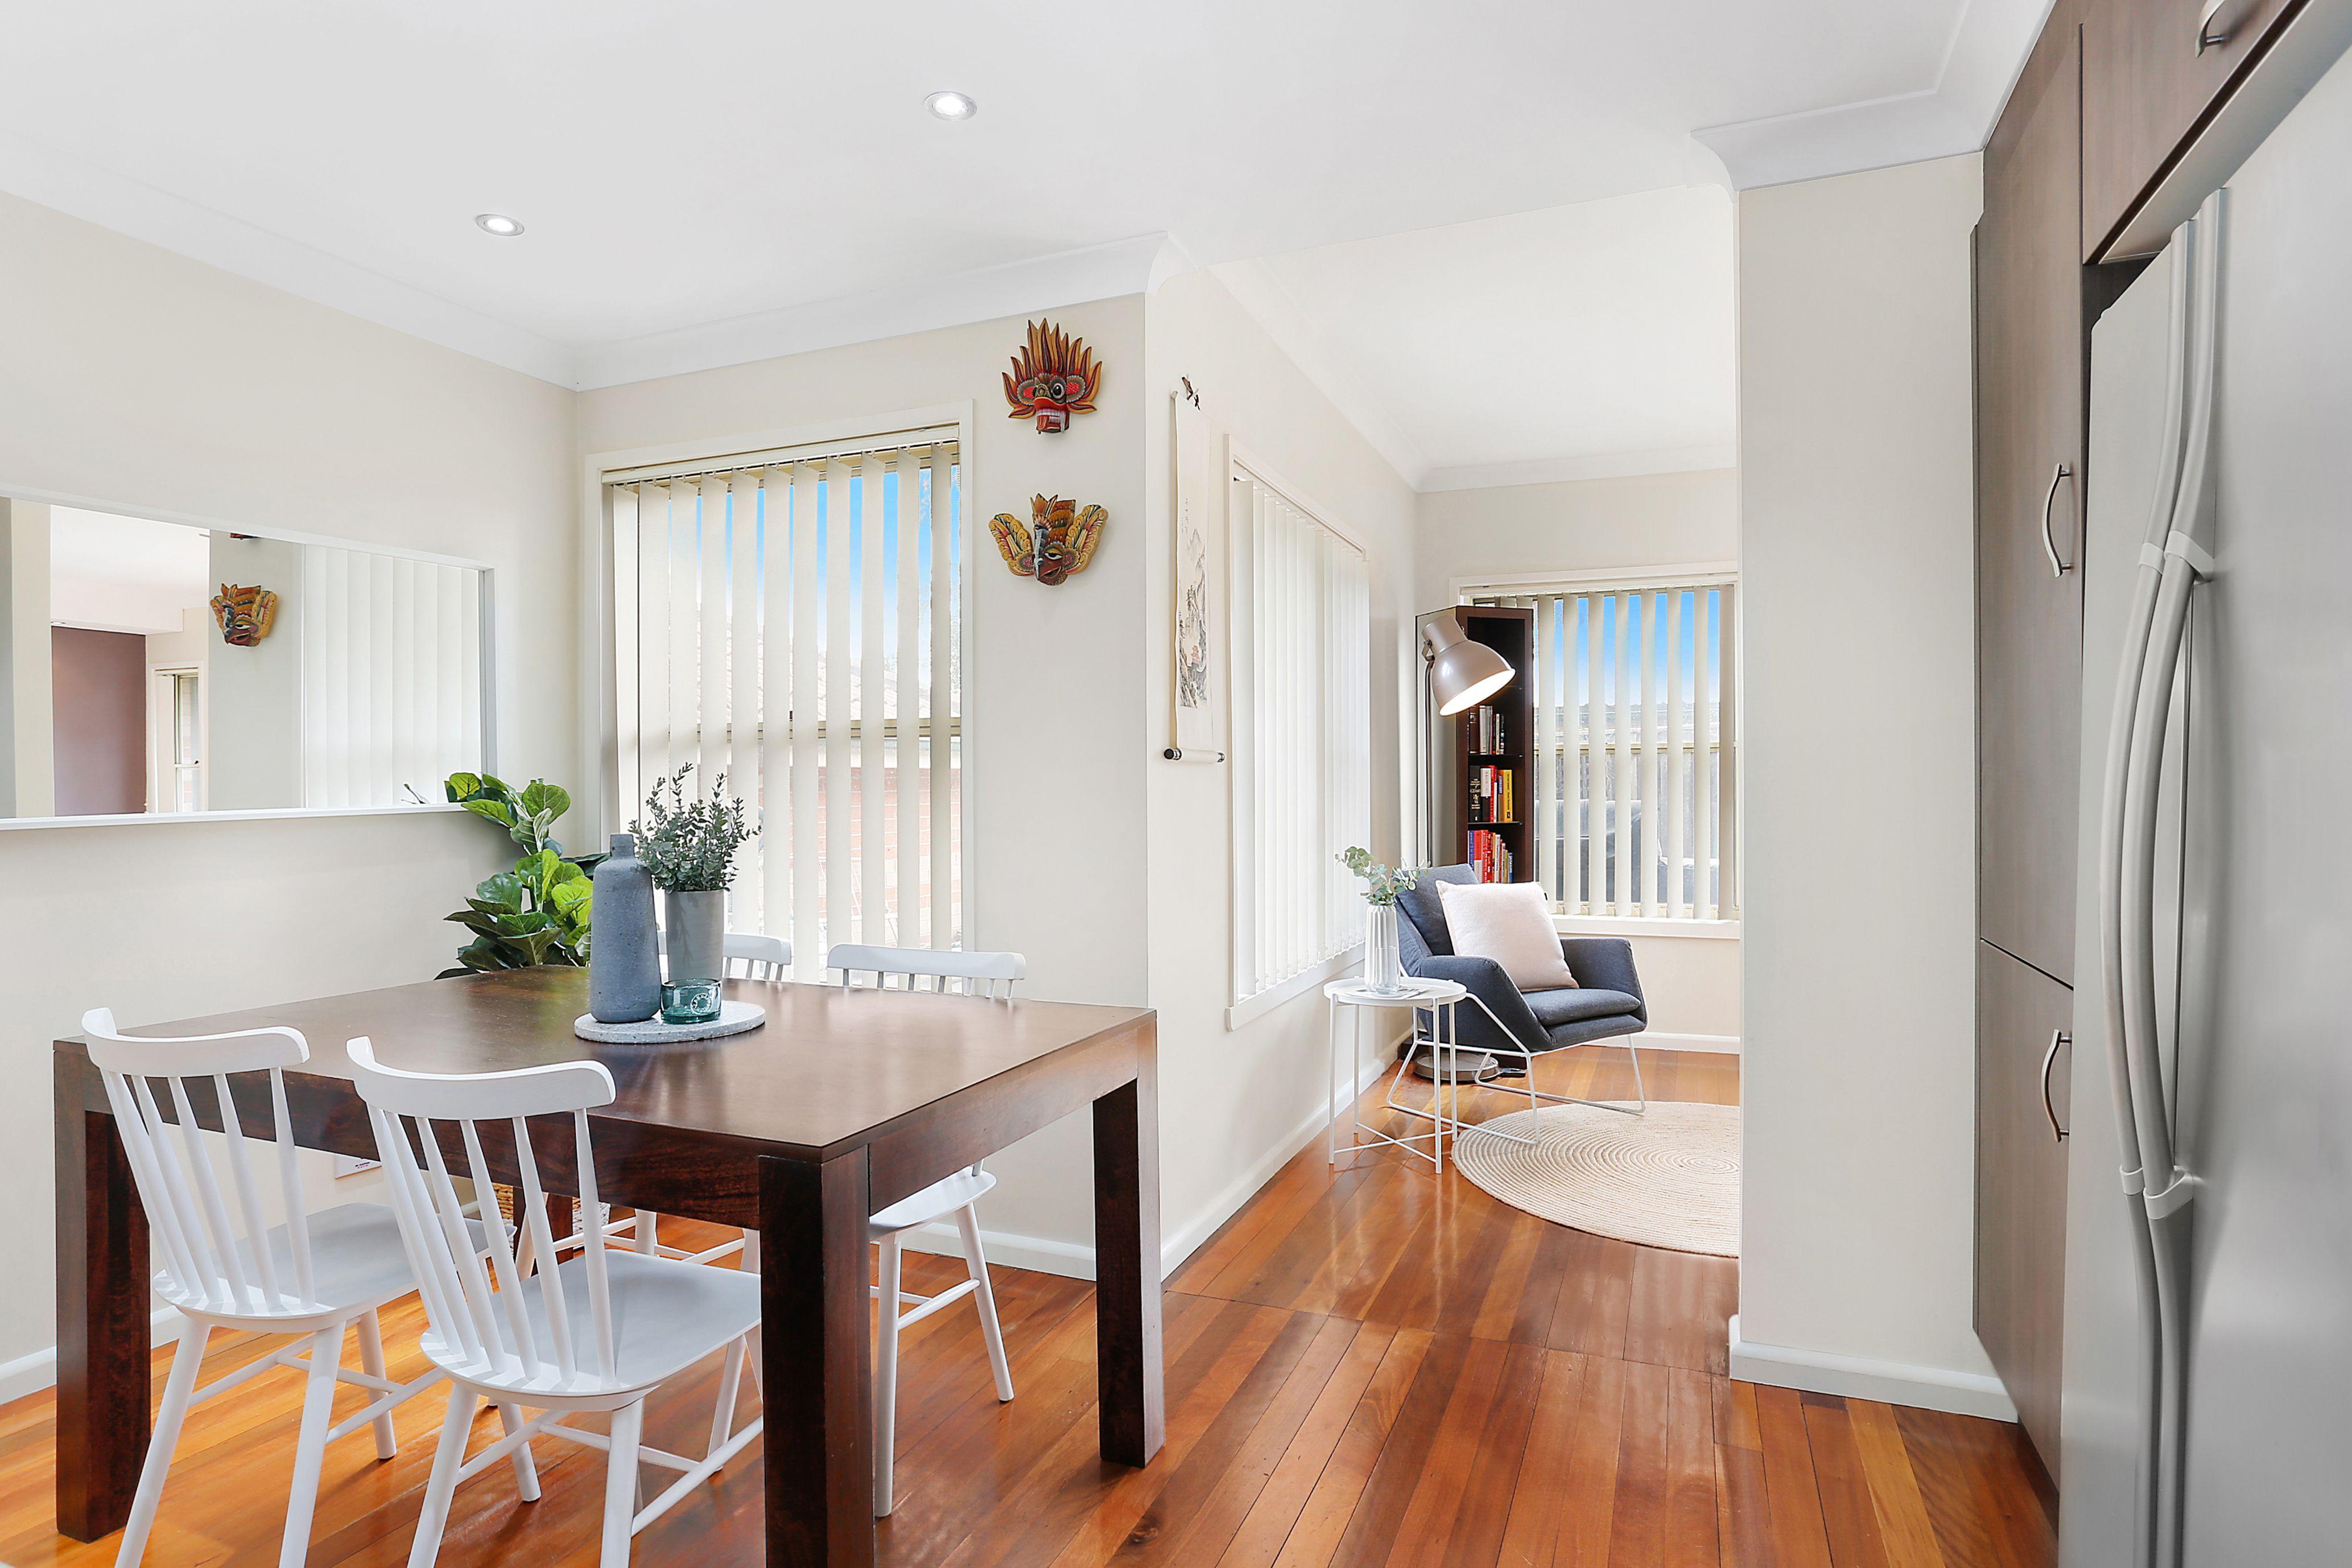 14/1 Bennett Avenue, Strathfield South NSW 2136